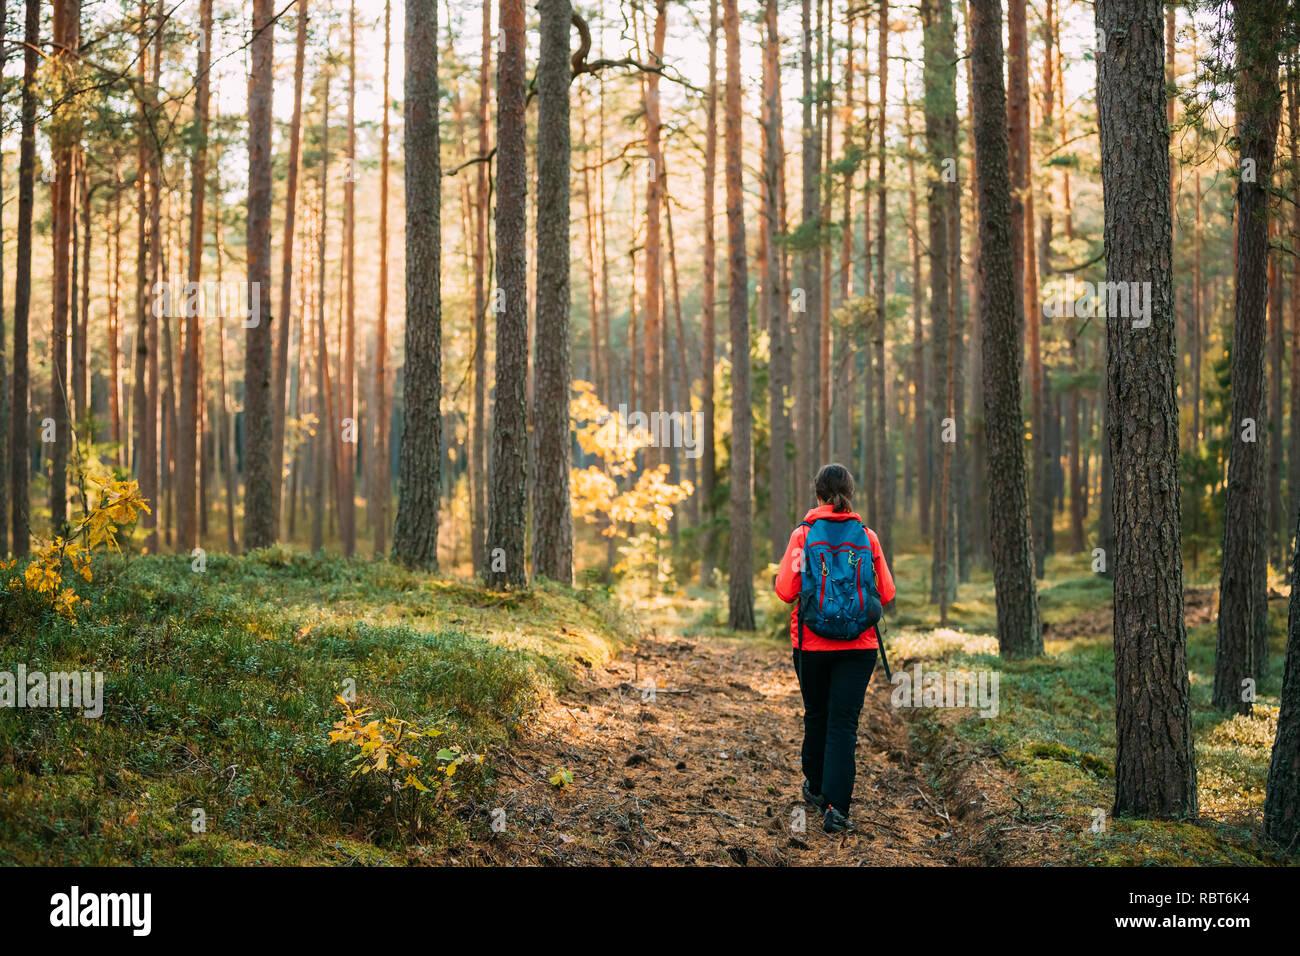 Active adulto joven mujer caucásica Backpacker caminar en otoño Bosque verde. Un estilo de vida activo en el otoño de la edad de la naturaleza durante la puesta de sol. Foto de stock